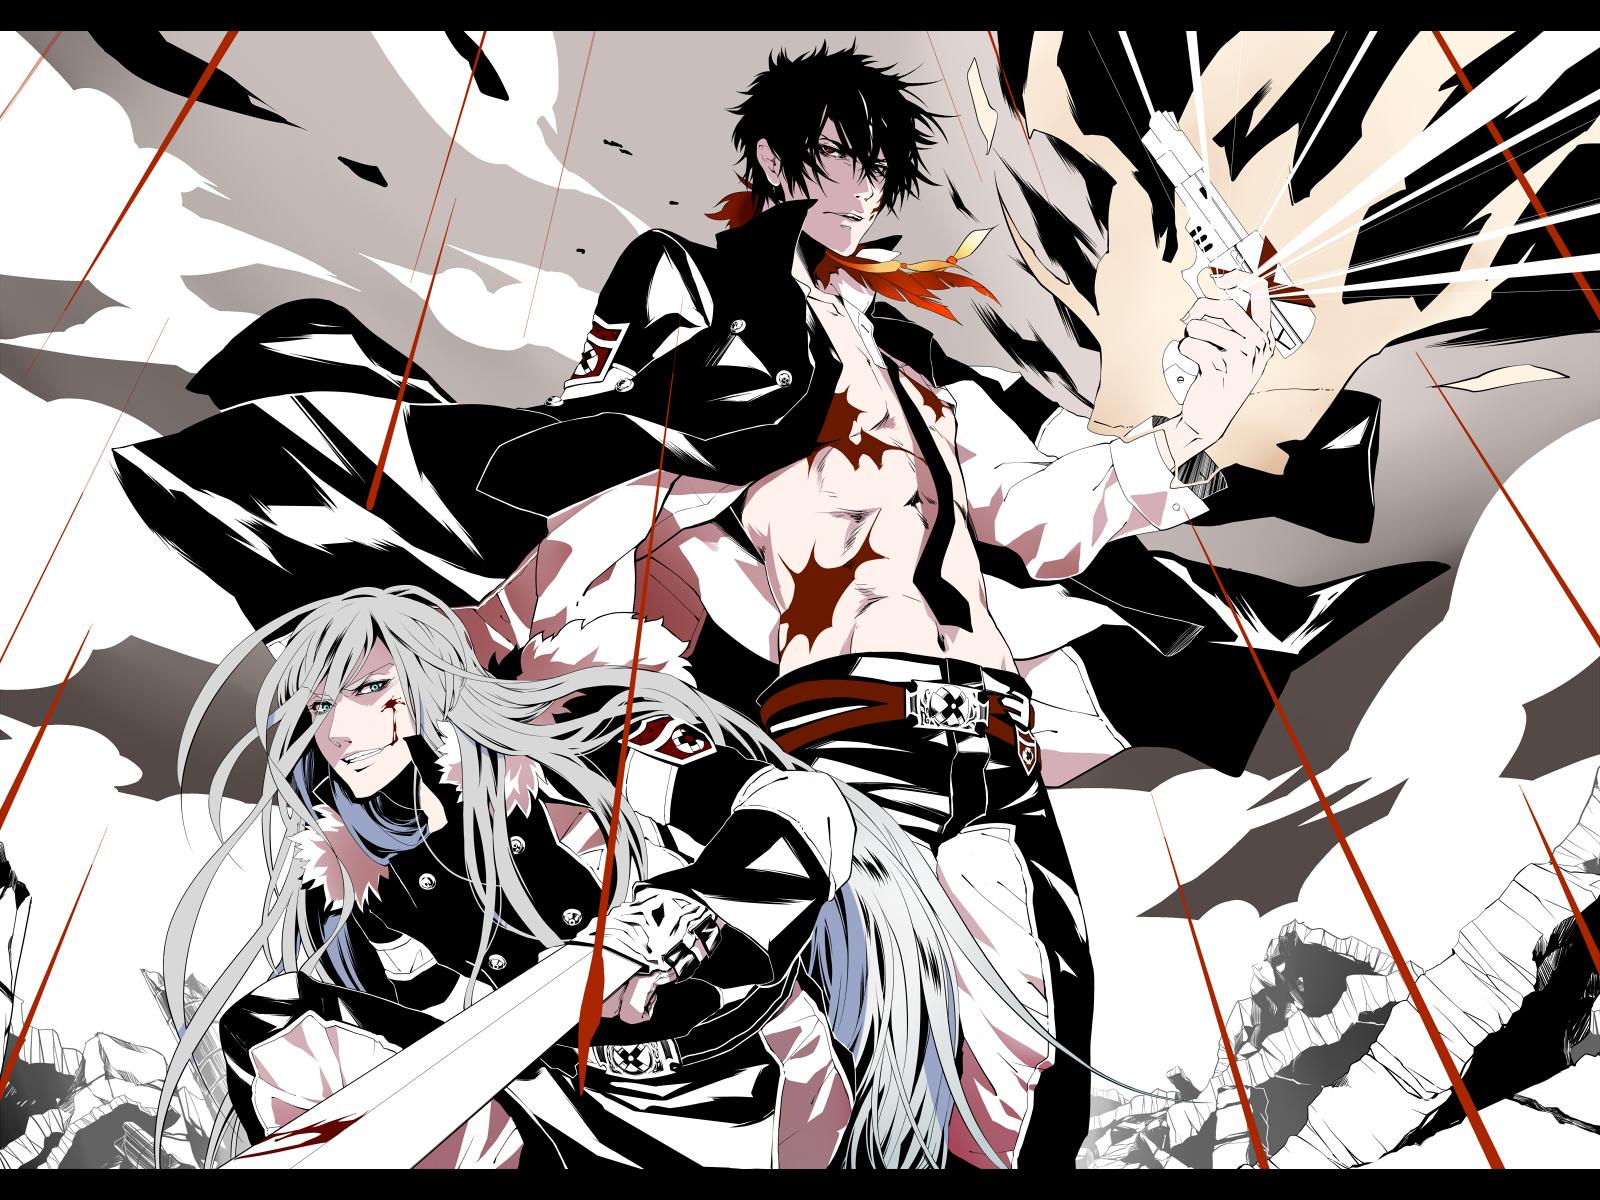 Katekyo Hitman Reborn Image 220451 Zerochan Anime Image Board